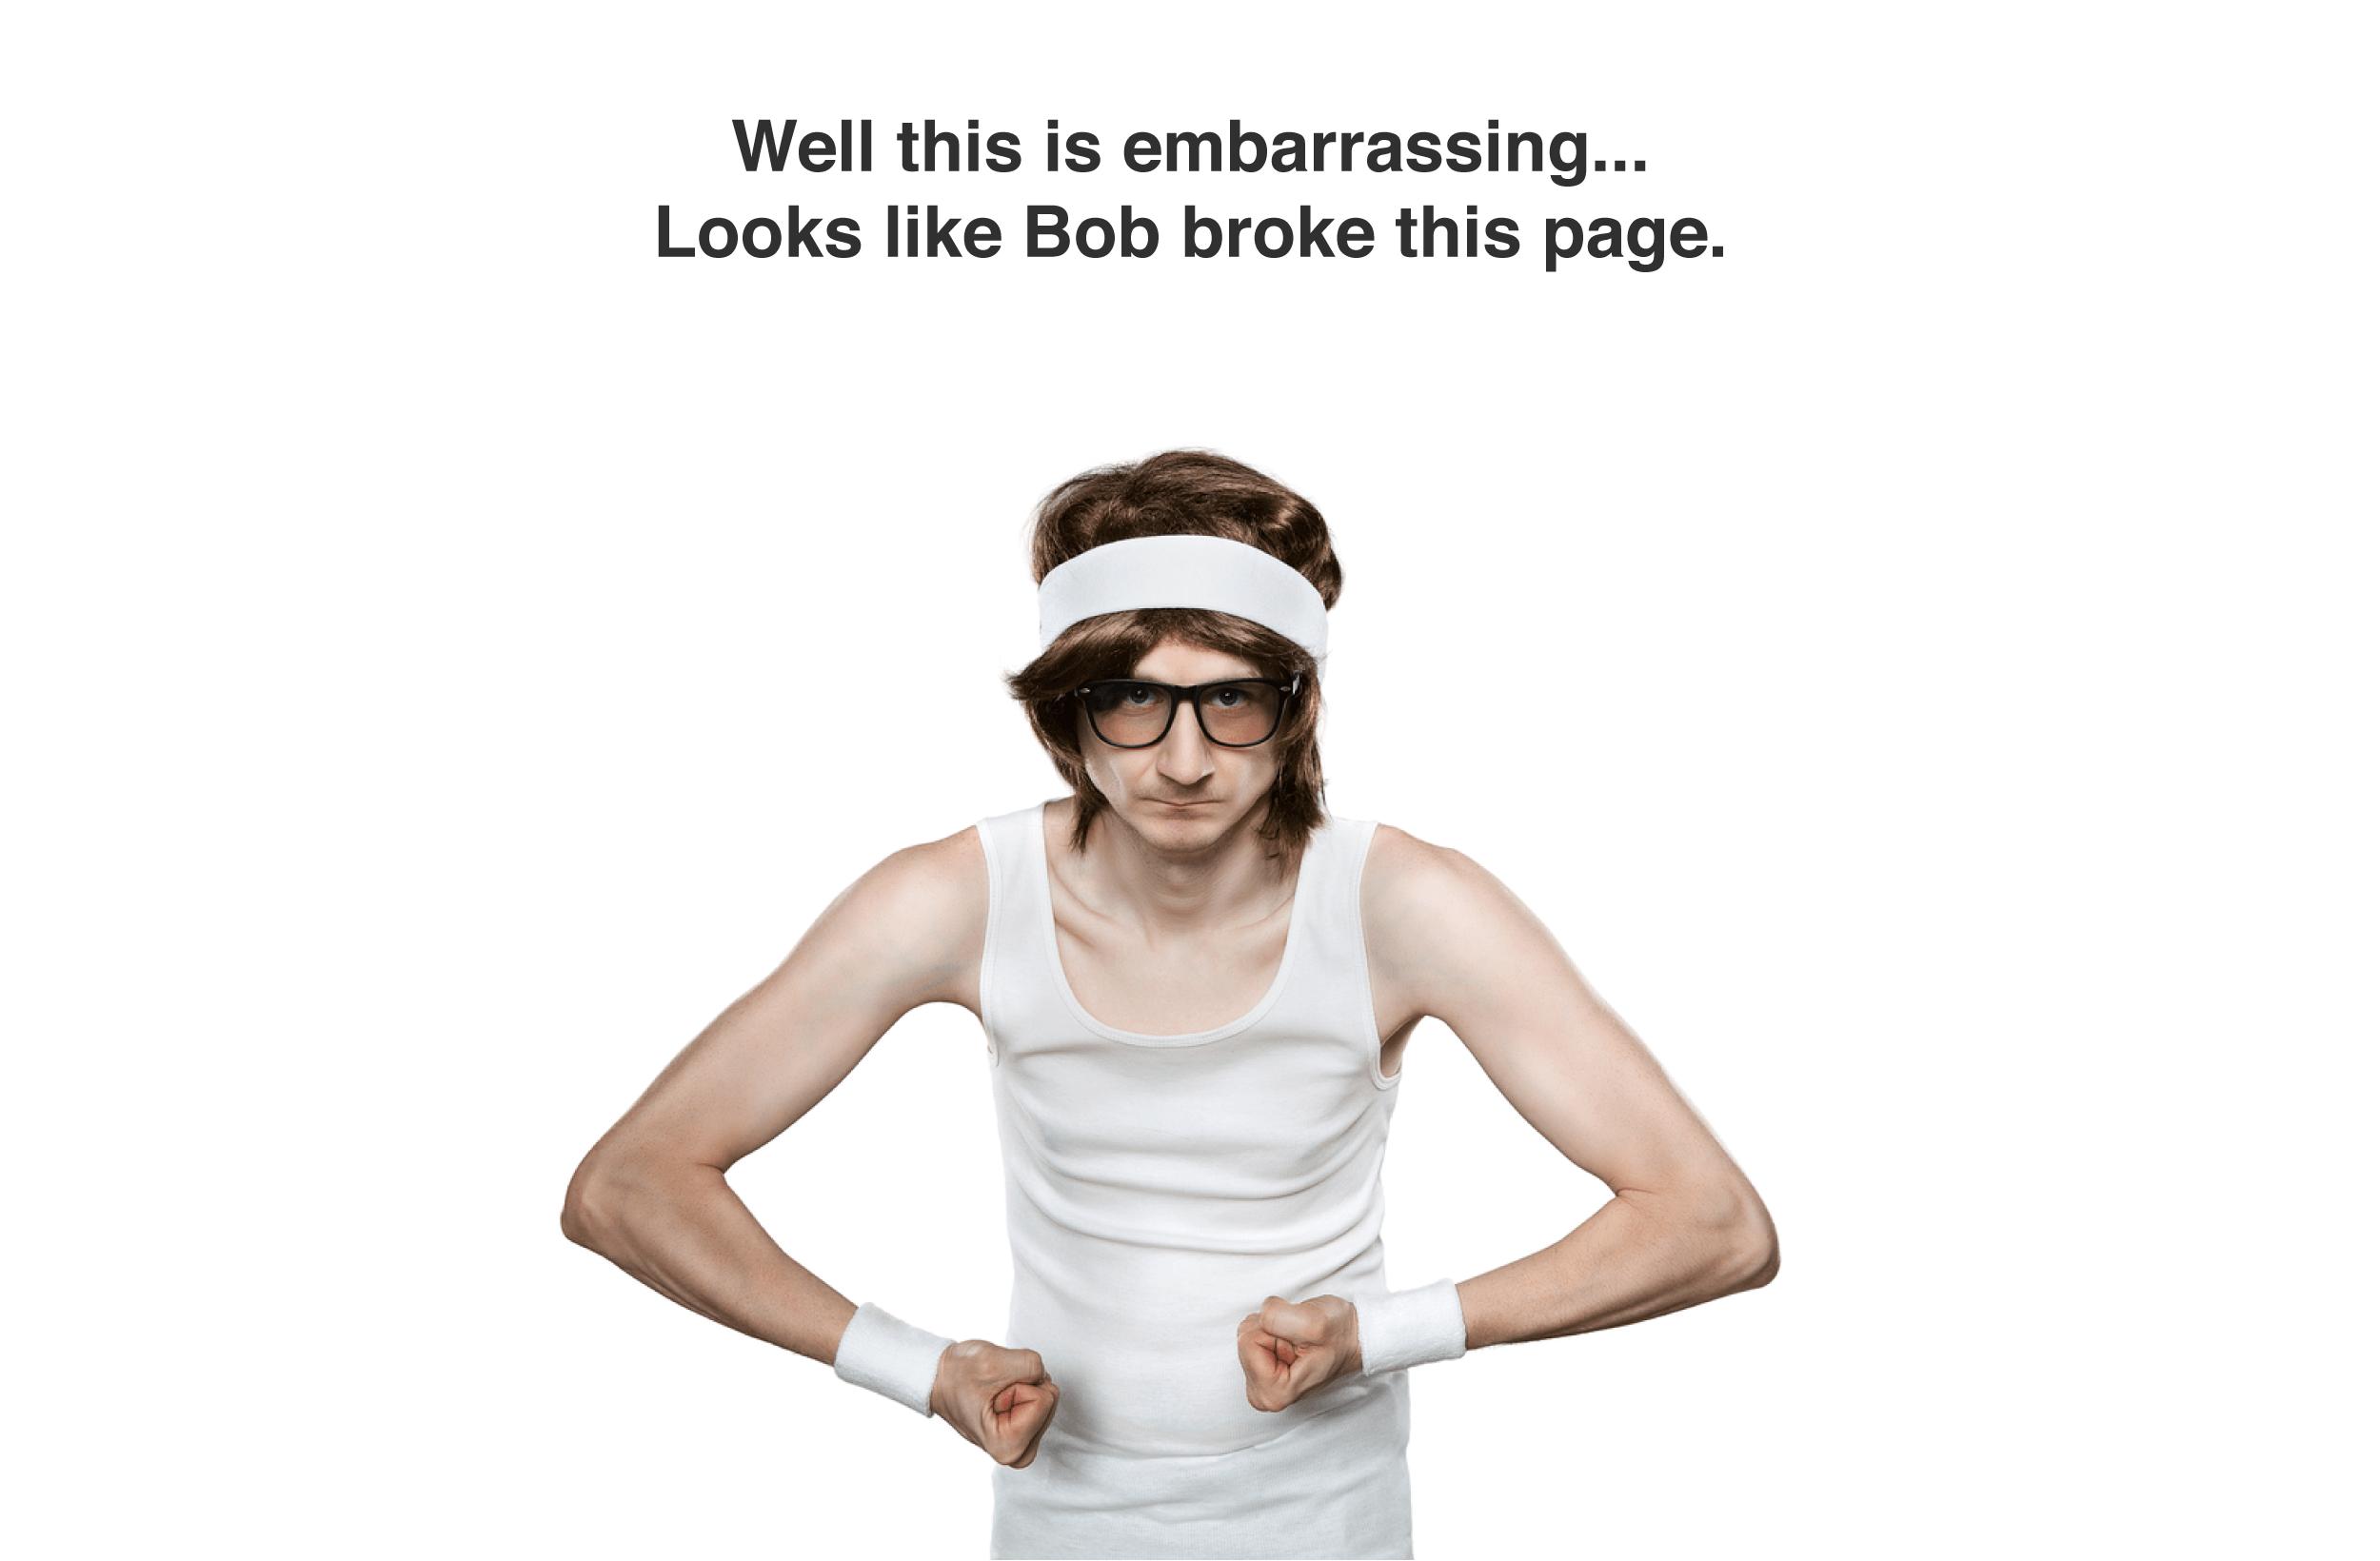 Bob-broke-this-page-404.png